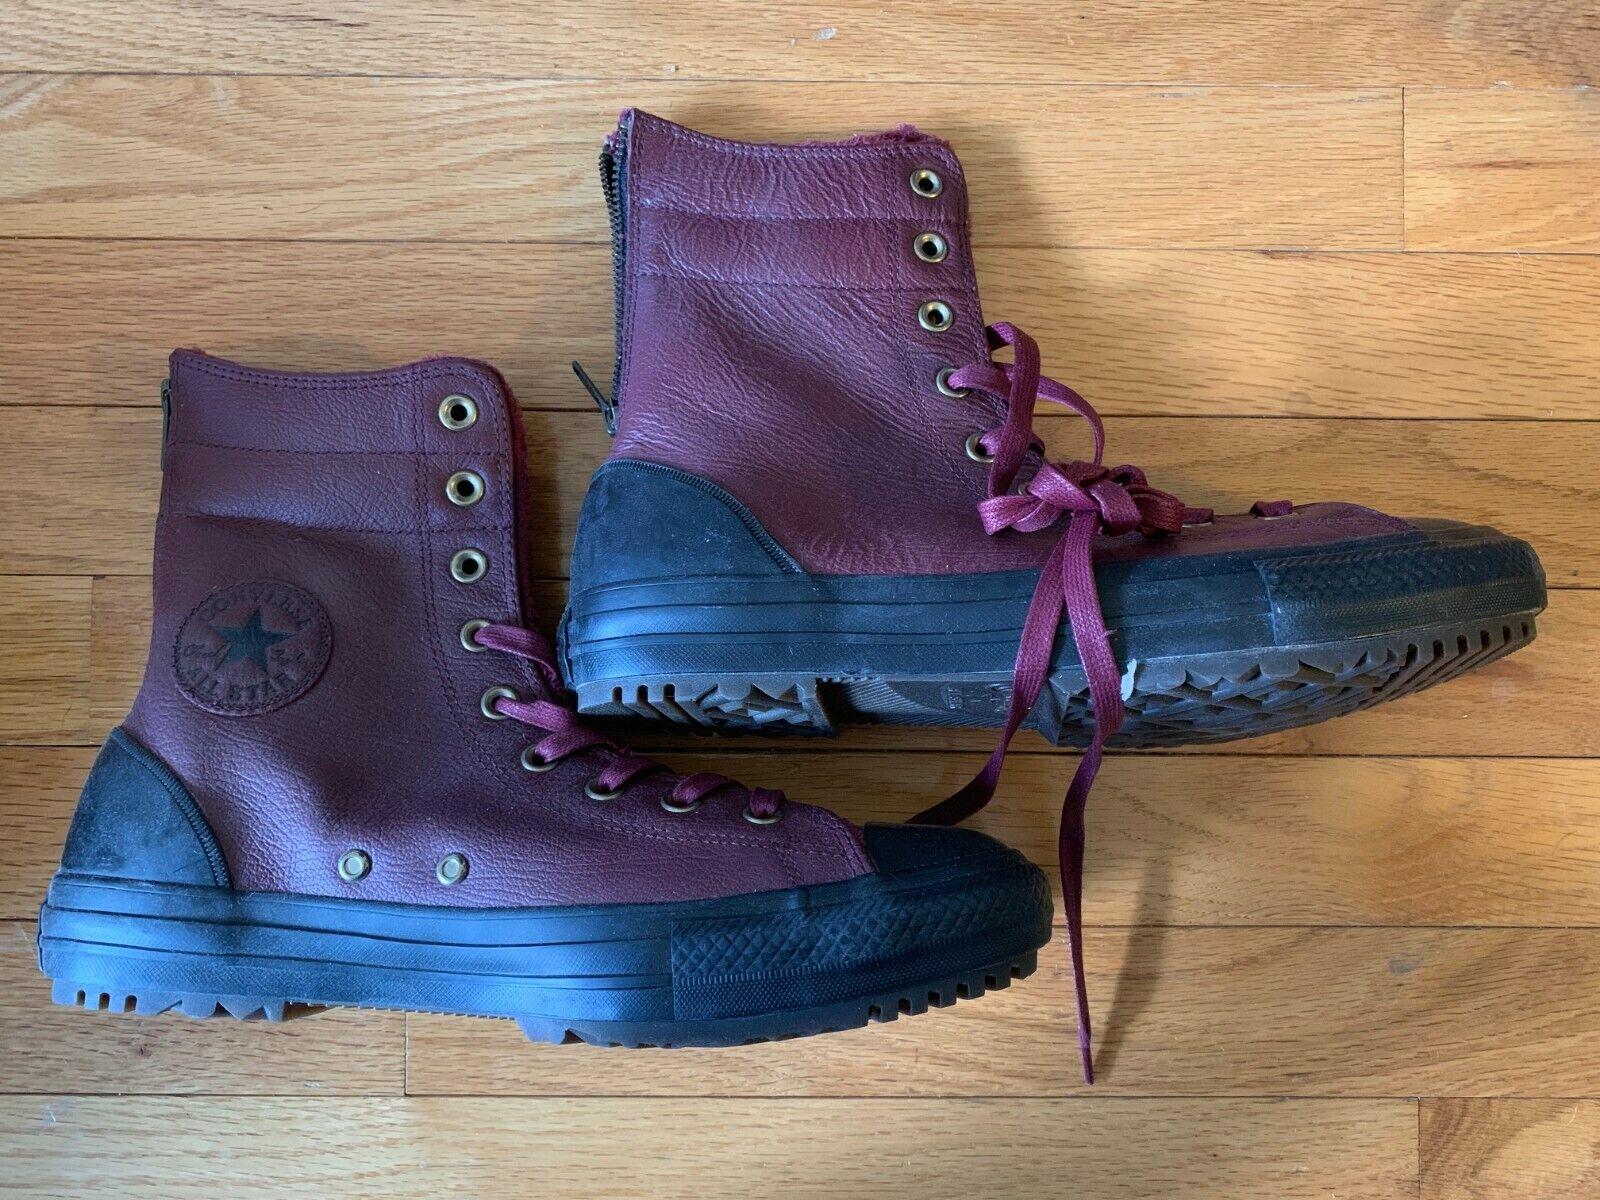 Converse CTAS Hi Rise Bordeaux Black Leather Boots Size 10.5 (NIB)